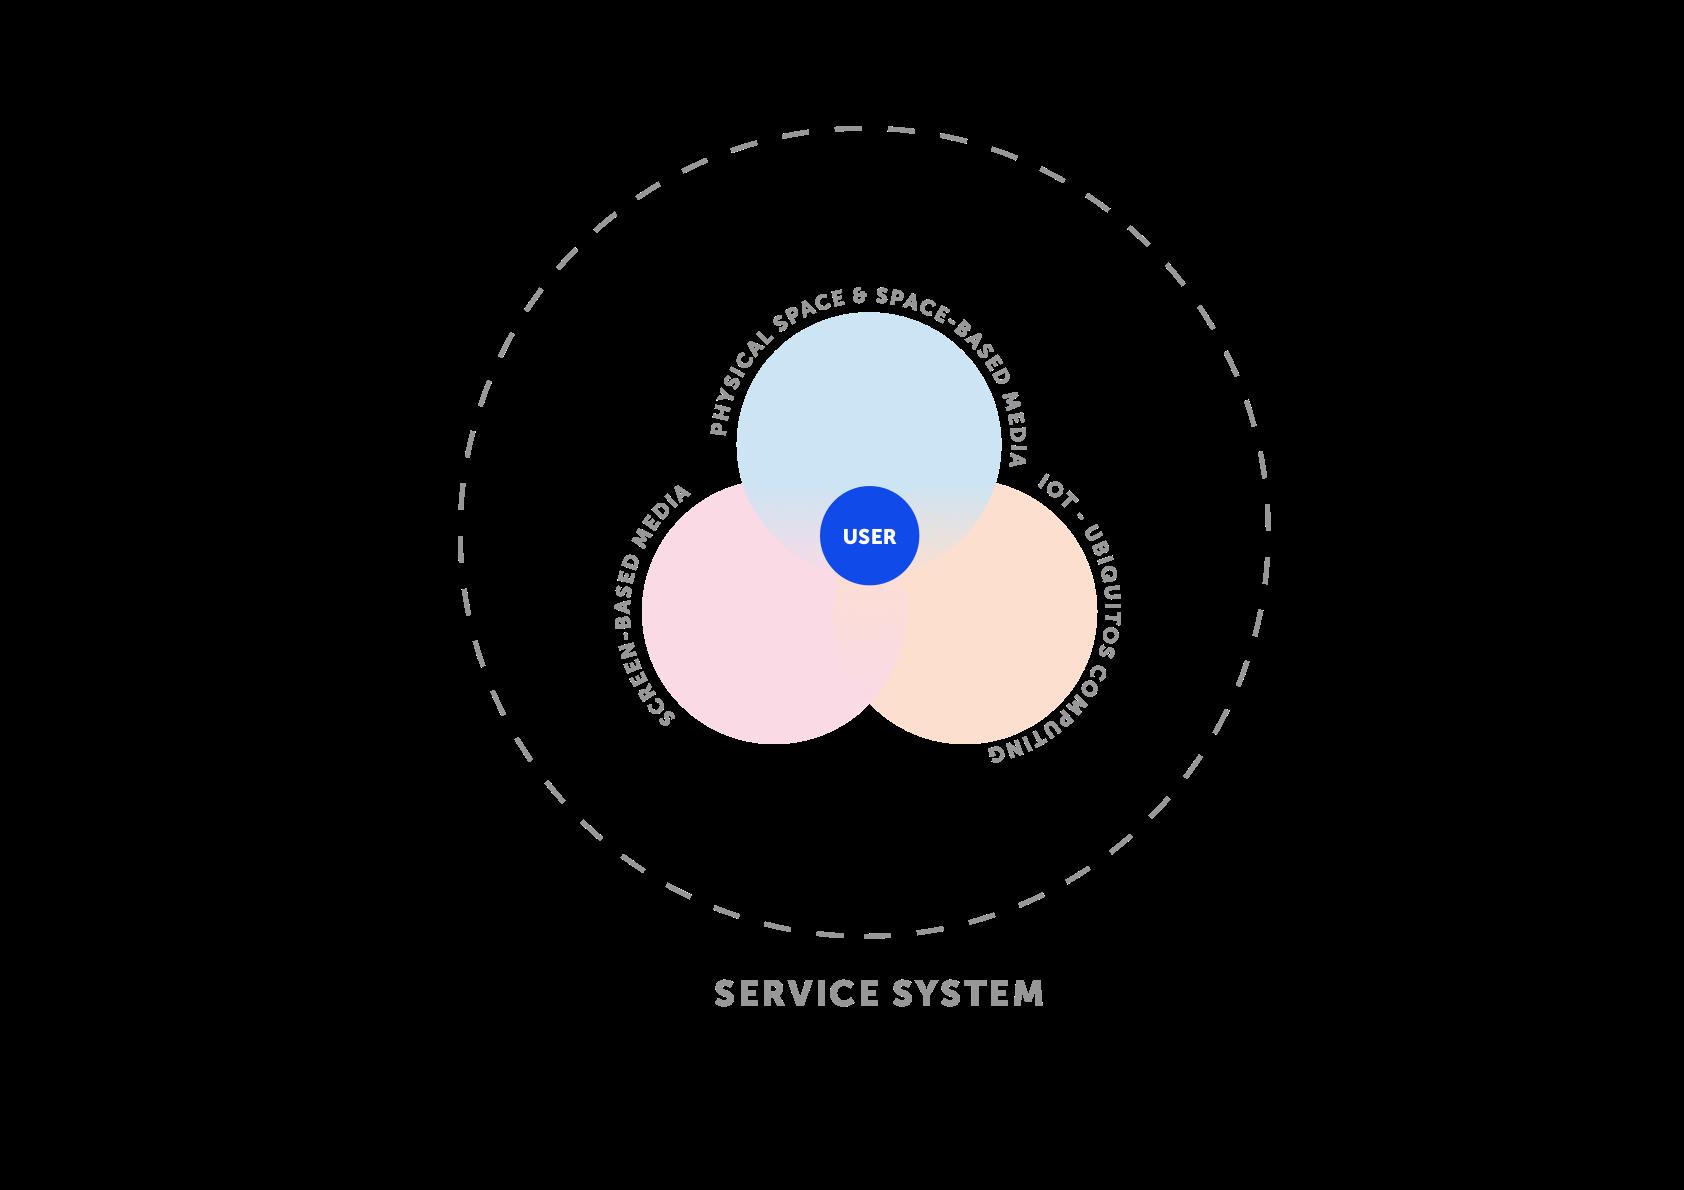 Service System betrachtet vom Nutzer aus